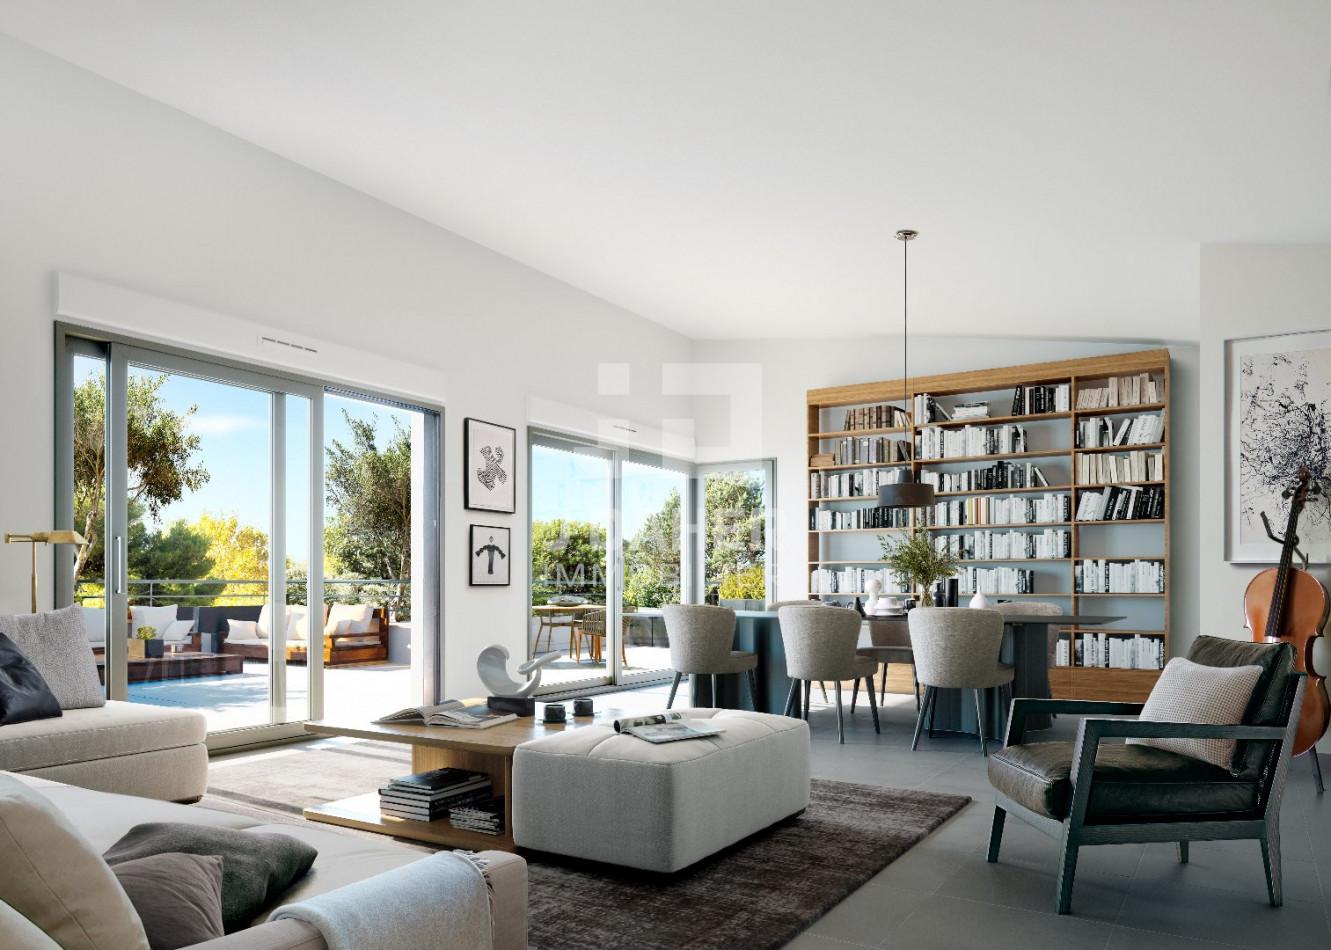 A vendre  Marseille 8eme Arrondissement | Réf 13025990 - J daher immobilier